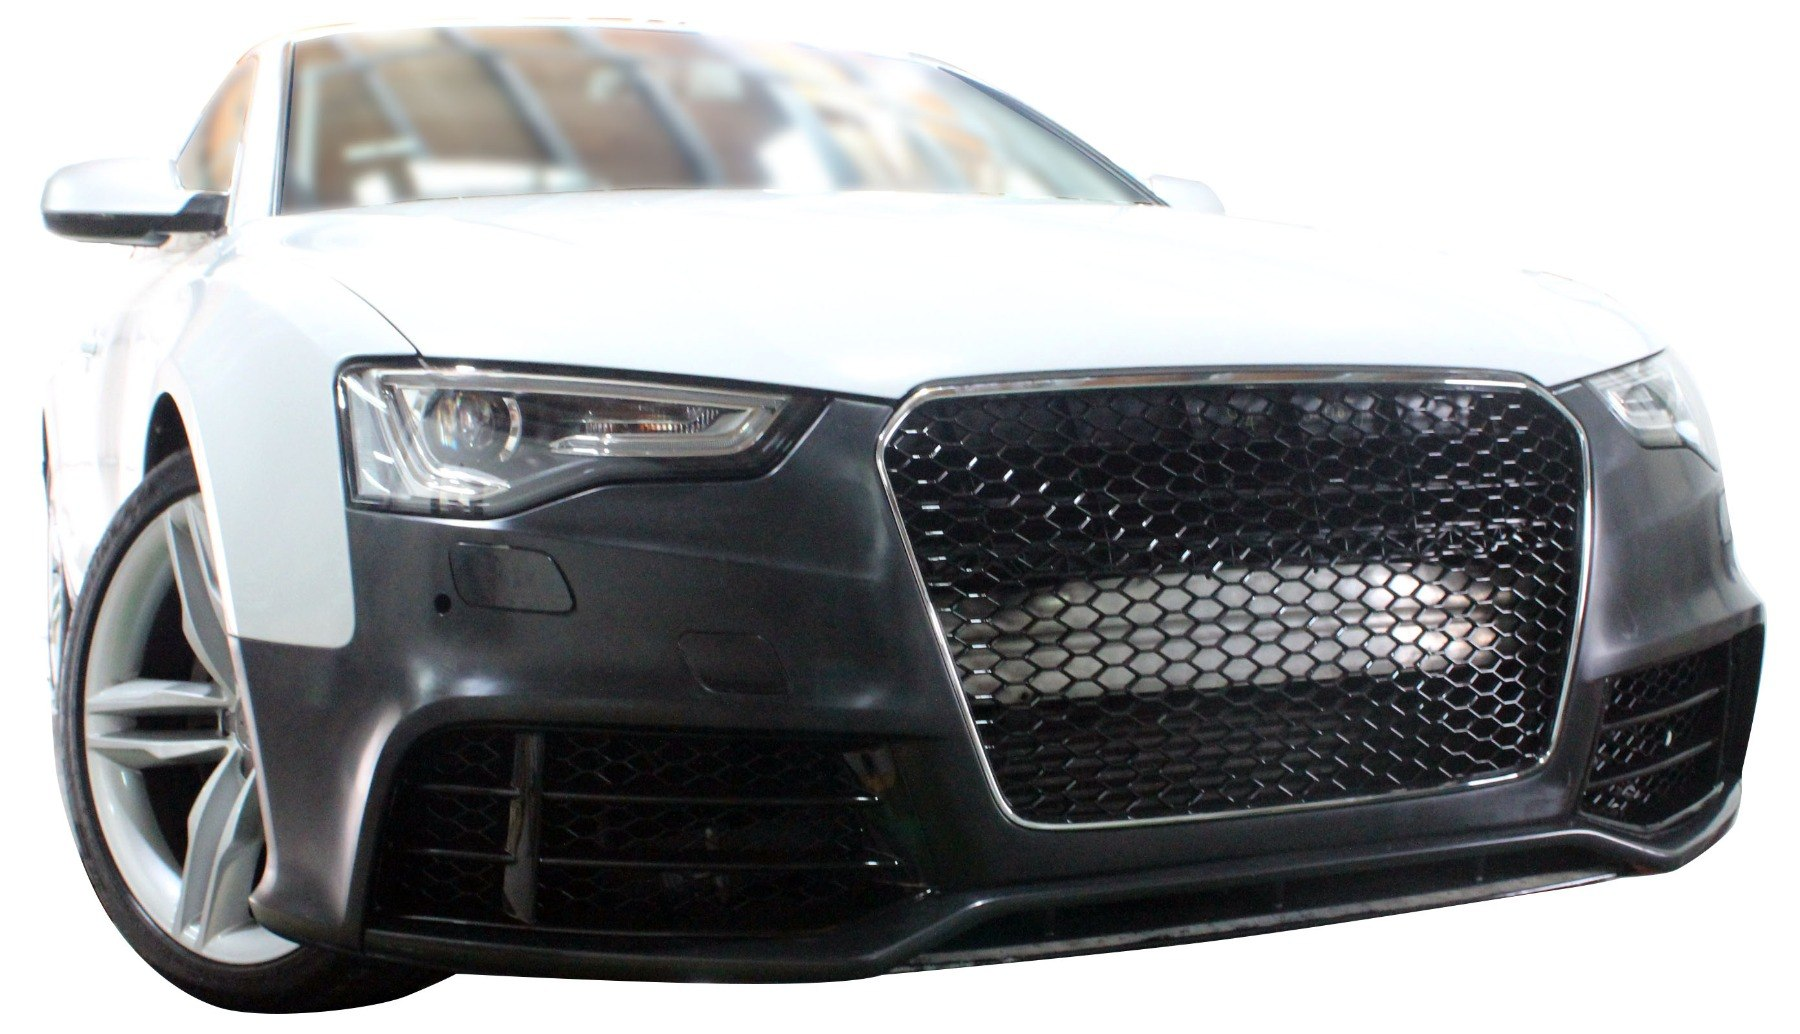 Zderzak przedni + Grill Czarny Audi A5 8T 13-16 RS5 Style - GRUBYGARAGE - Sklep Tuningowy